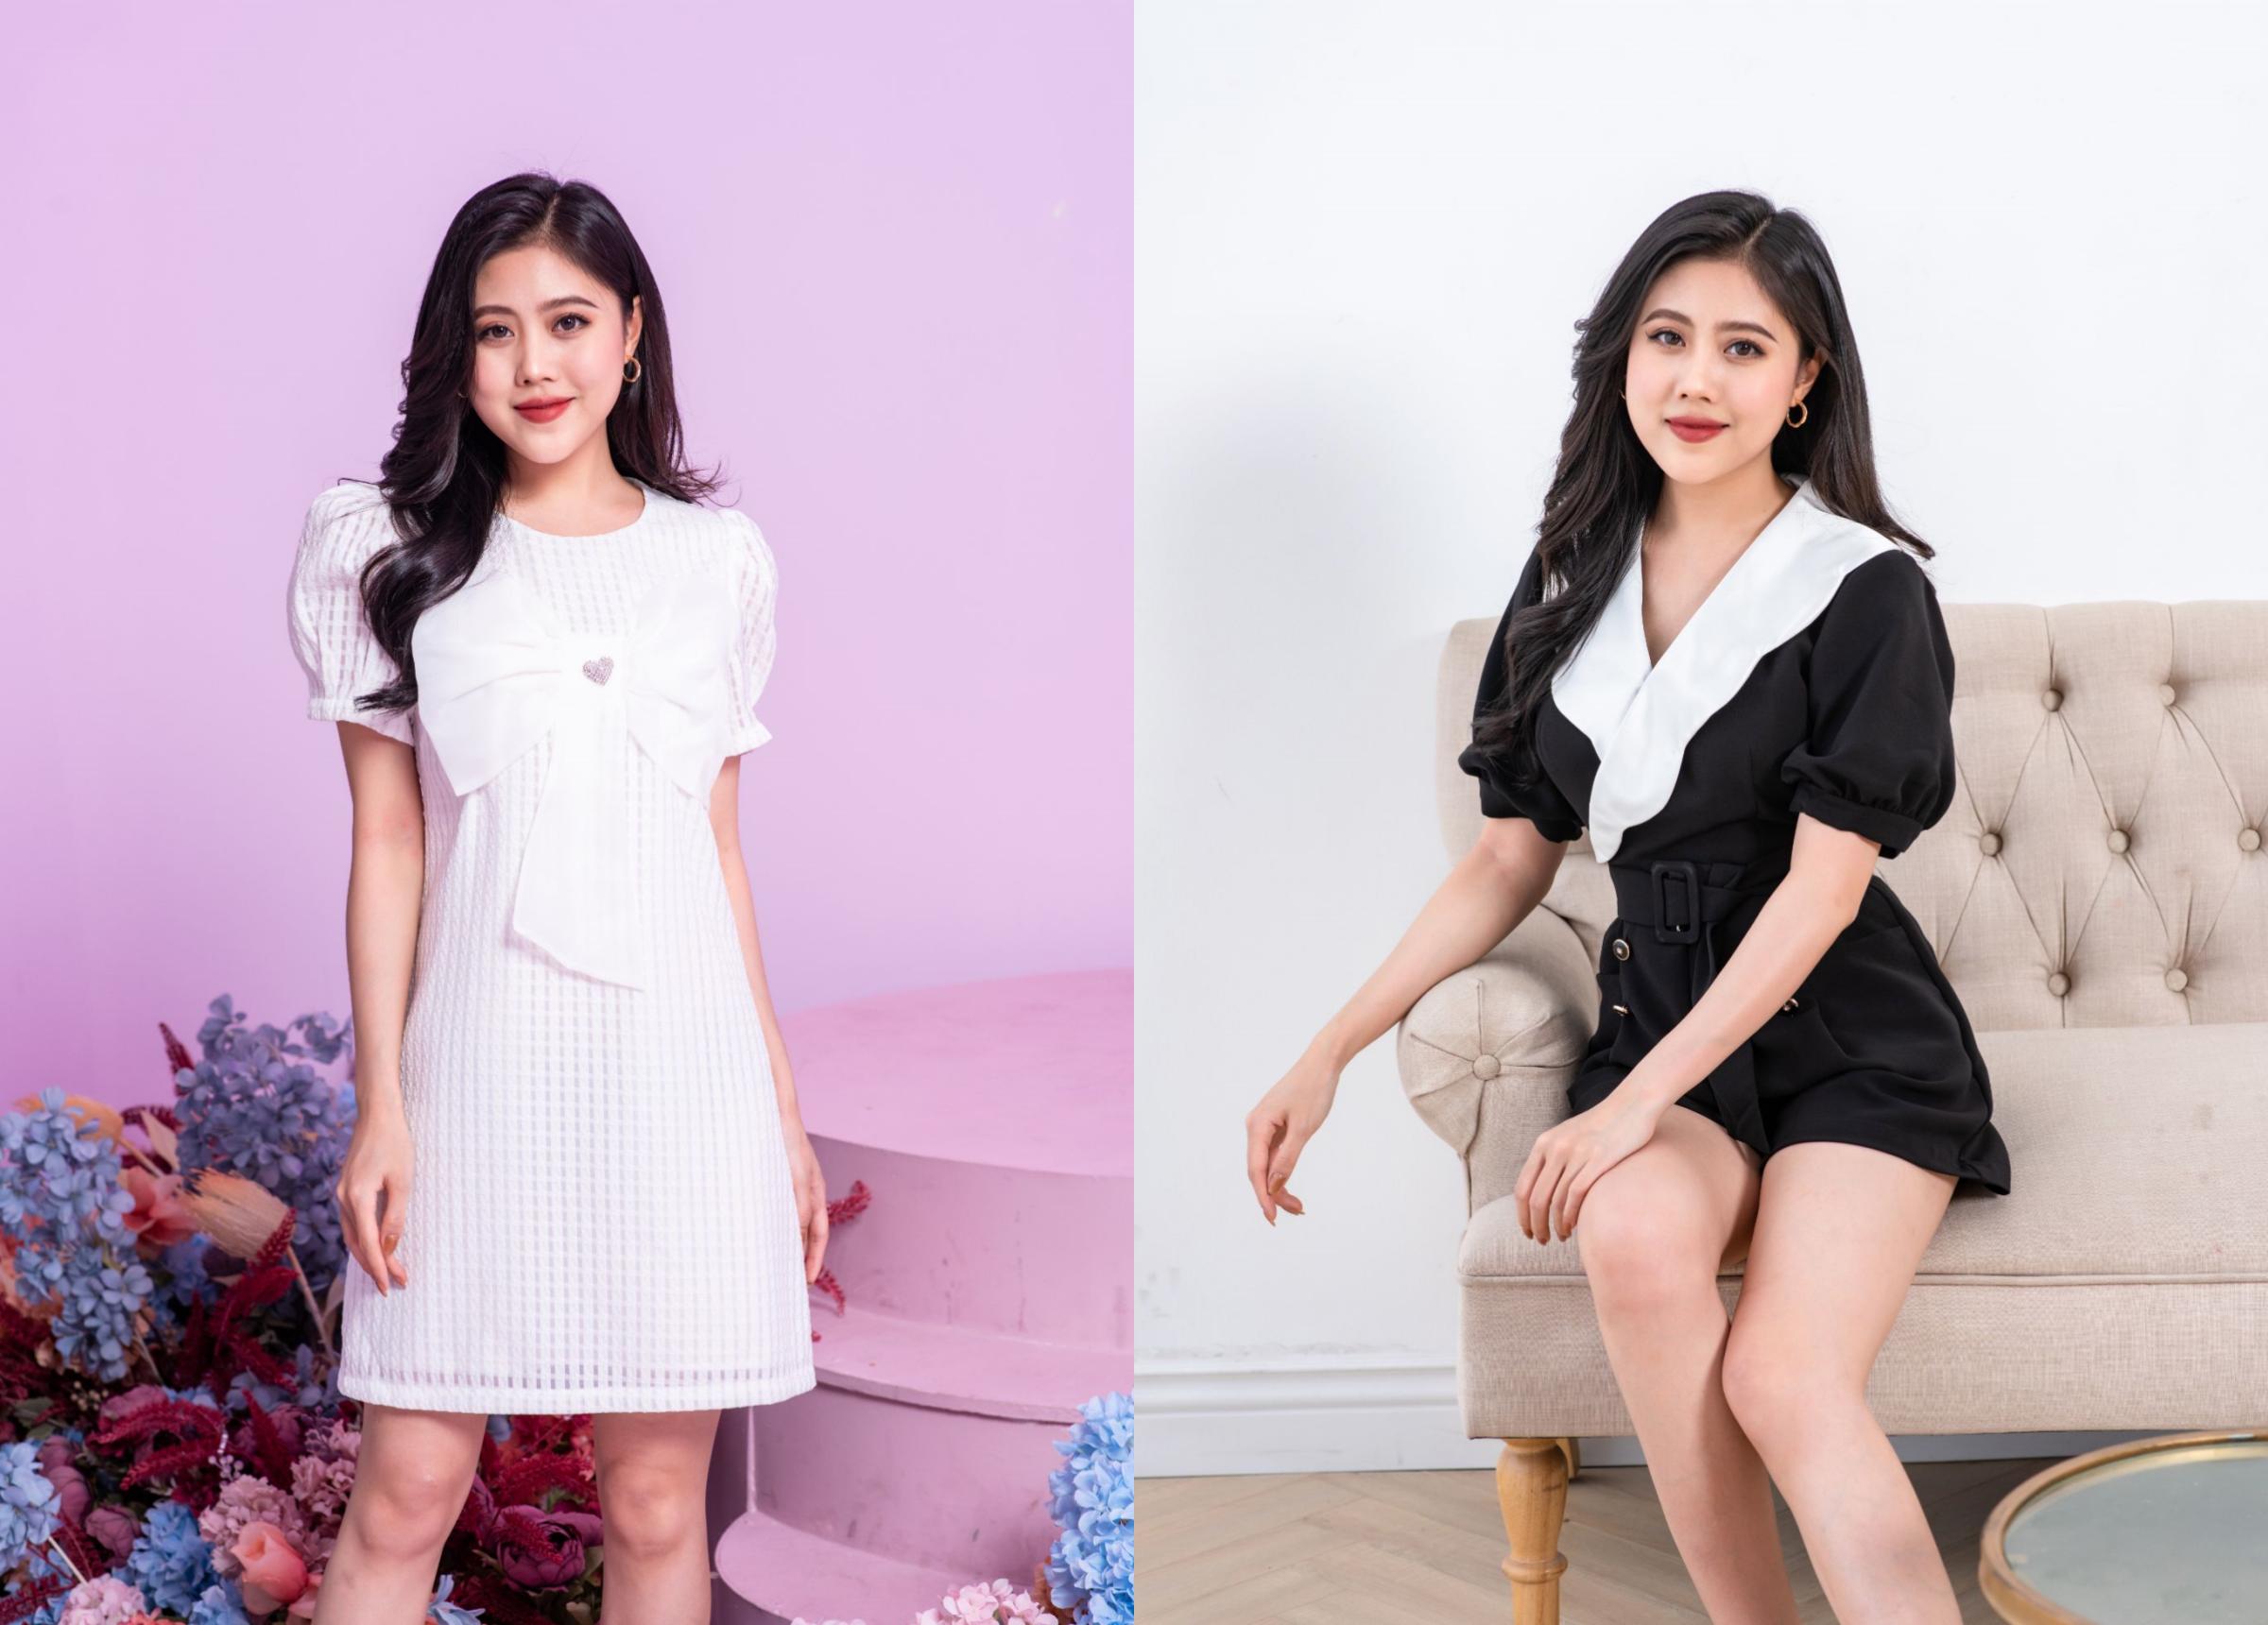 Chảnh Shop gia nhập làng thời trang từ năm 2014, ghi điểm với phong cách đa dạng, đầy màu sắc, giúp phái nữ liên tục cập nhật xu hướng thời trang mới trong nước và quốc tế.